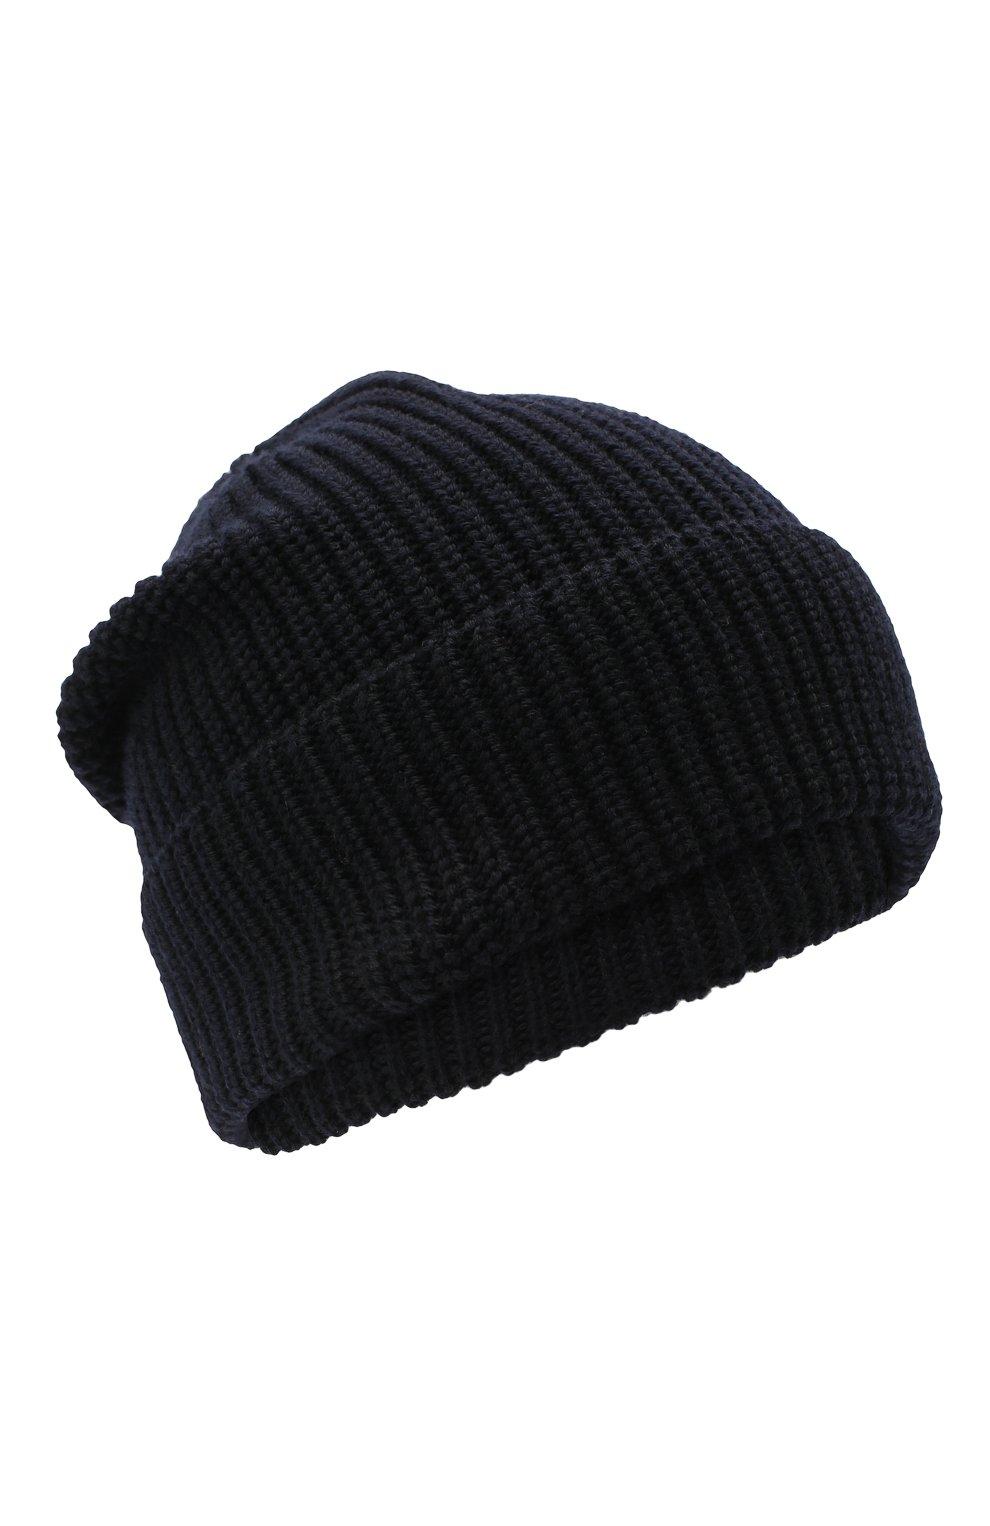 Детский комплект из шапки и шарфа EMPORIO ARMANI темно-синего цвета, арт. 407511/0A759 | Фото 2 (Материал: Шерсть)